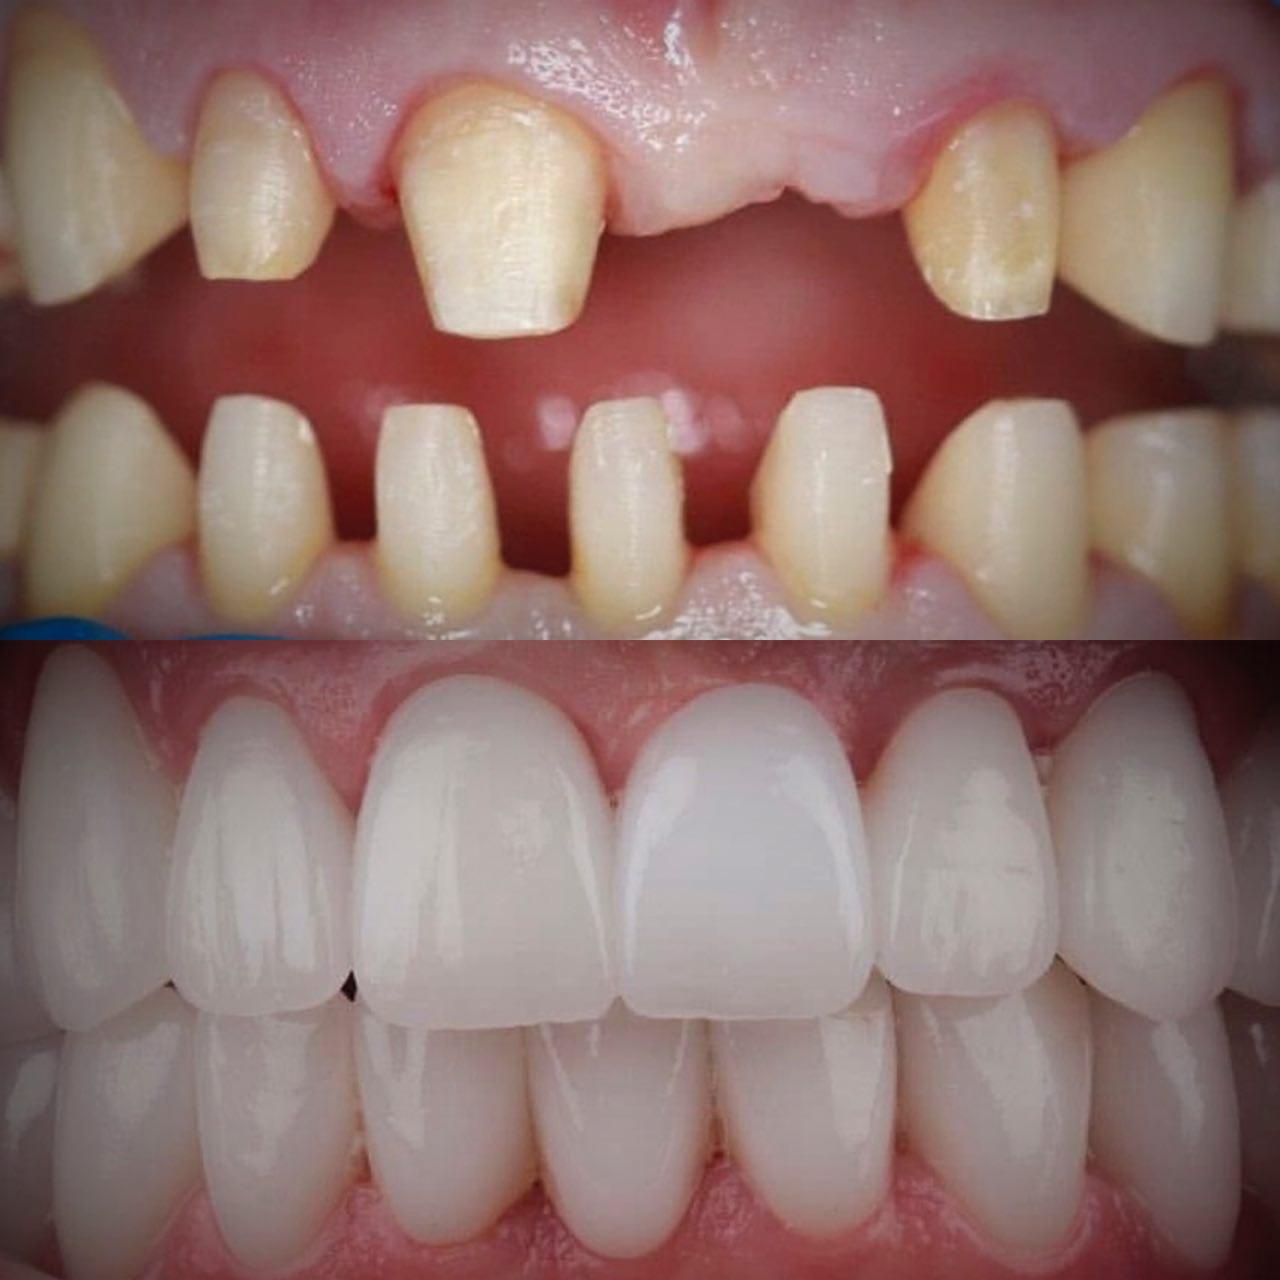 IMG 8A5DD7D7AB66 2 - Керамічні зубні коронки